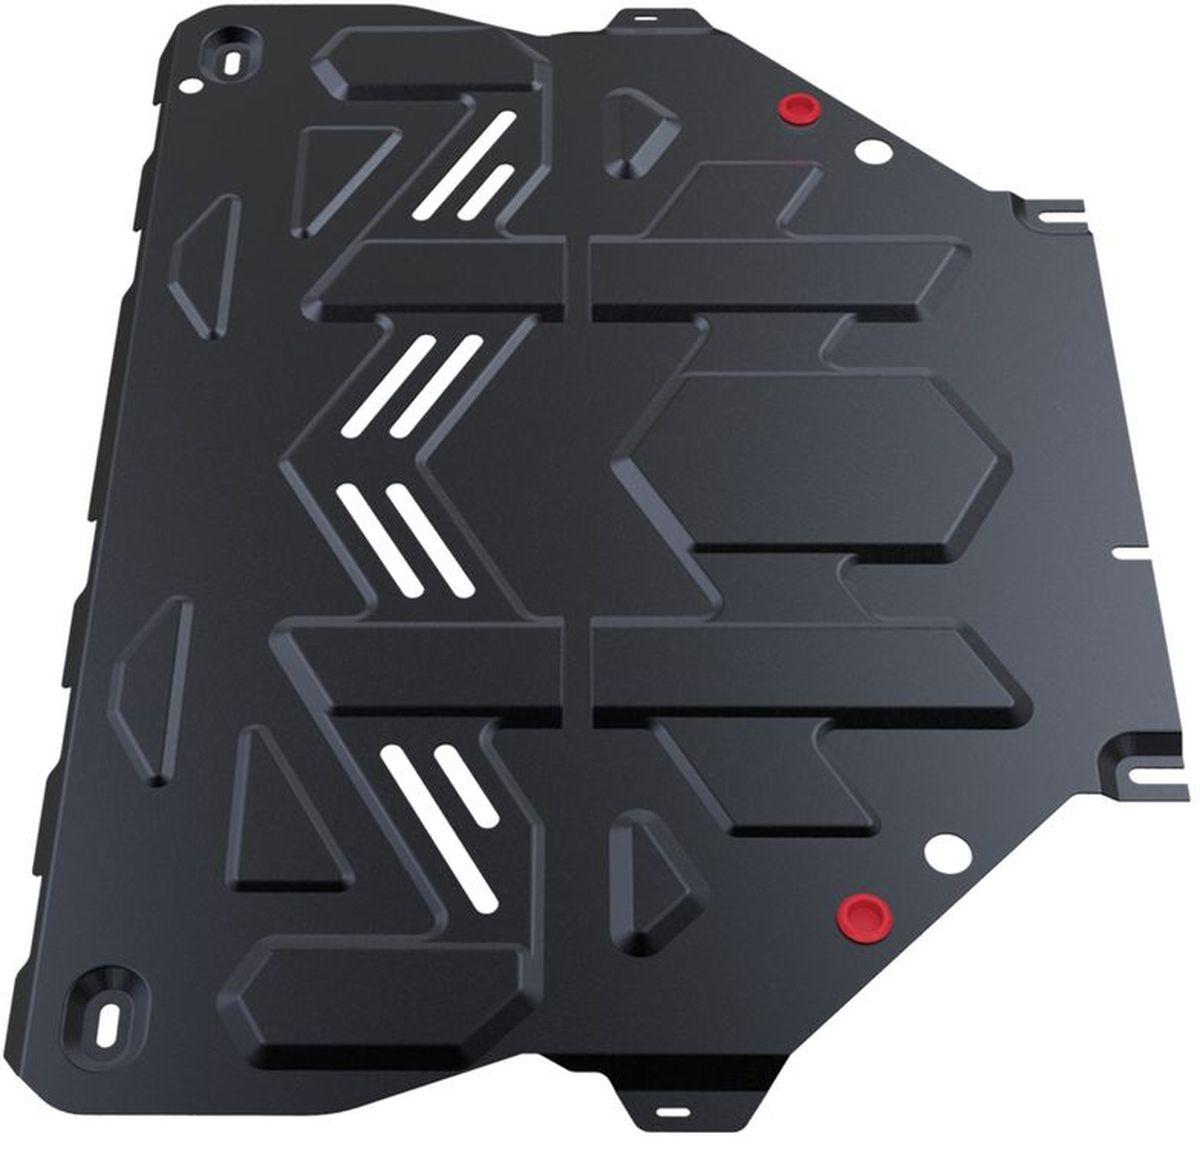 Защита картера и КПП Автоброня, для Ford Kuga. 111.01838.1111.01838.1Технологически совершенный продукт за невысокую стоимость. Защита разработана с учетом особенностей днища автомобиля, что позволяет сохранить дорожный просвет с минимальным изменением. Защита устанавливается в штатные места кузова автомобиля. Глубокий штамп обеспечивает до двух раз больше жесткости в сравнении с обычной защитой той же толщины. Проштампованные ребра жесткости препятствуют деформации защиты при ударах. Тепловой зазор и вентиляционные отверстия обеспечивают сохранение температурного режима двигателя в норме. Скрытый крепеж предотвращает срыв крепежных элементов при наезде на препятствие. Шумопоглощающие резиновые элементы обеспечивают комфортную езду без вибраций и скрежета металла, а съемные лючки для слива масла и замены фильтра - экономию средств и время. Конструкция изделия не влияет на пассивную безопасность автомобиля (при ударе защита не воздействует на деформационные зоны кузова). Со штатным крепежом. В комплекте инструкция по...